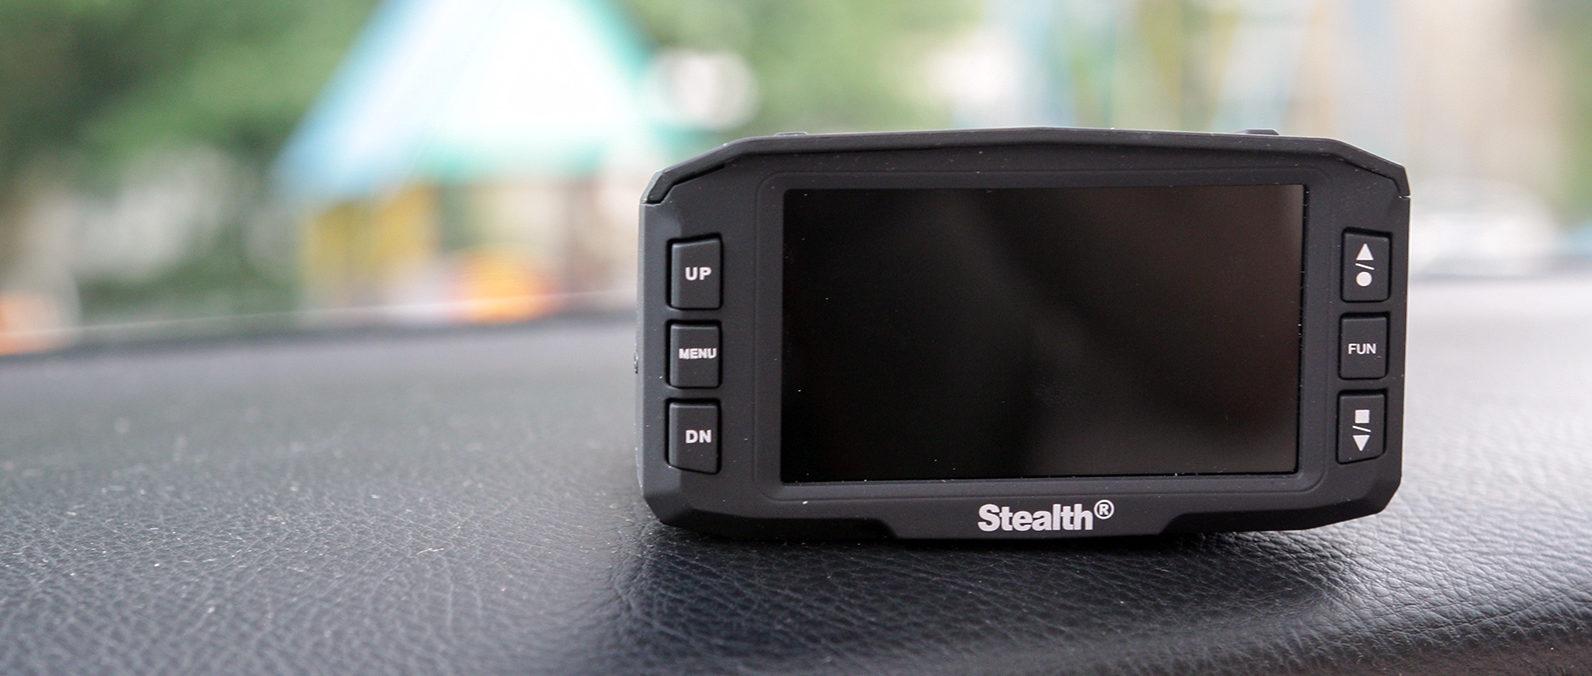 stealth mfu 680